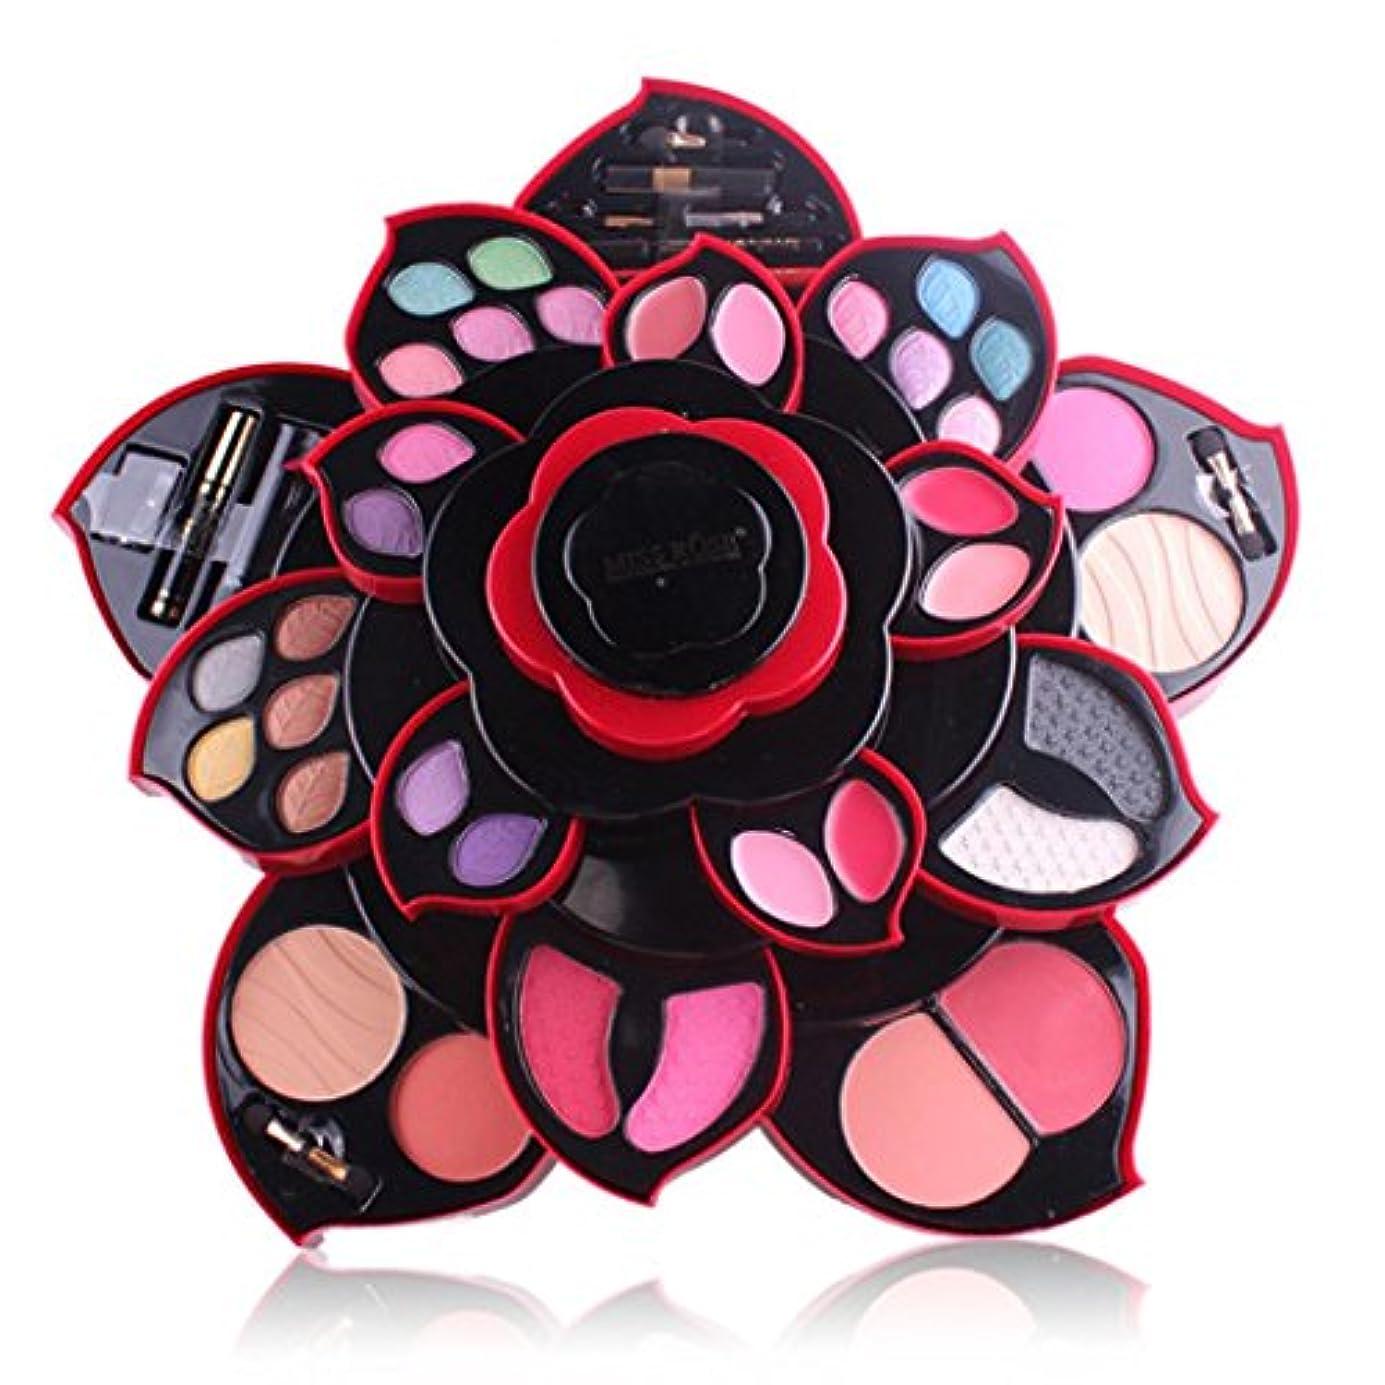 おじさん目立つ承認ビューティー アイシャドー wwkeiying アイシャドウセット ファッション 23色 梅の花デザイン メイクボックス 回転多機能化粧品 プロ化粧師 メイクの達人 プレゼント (02)